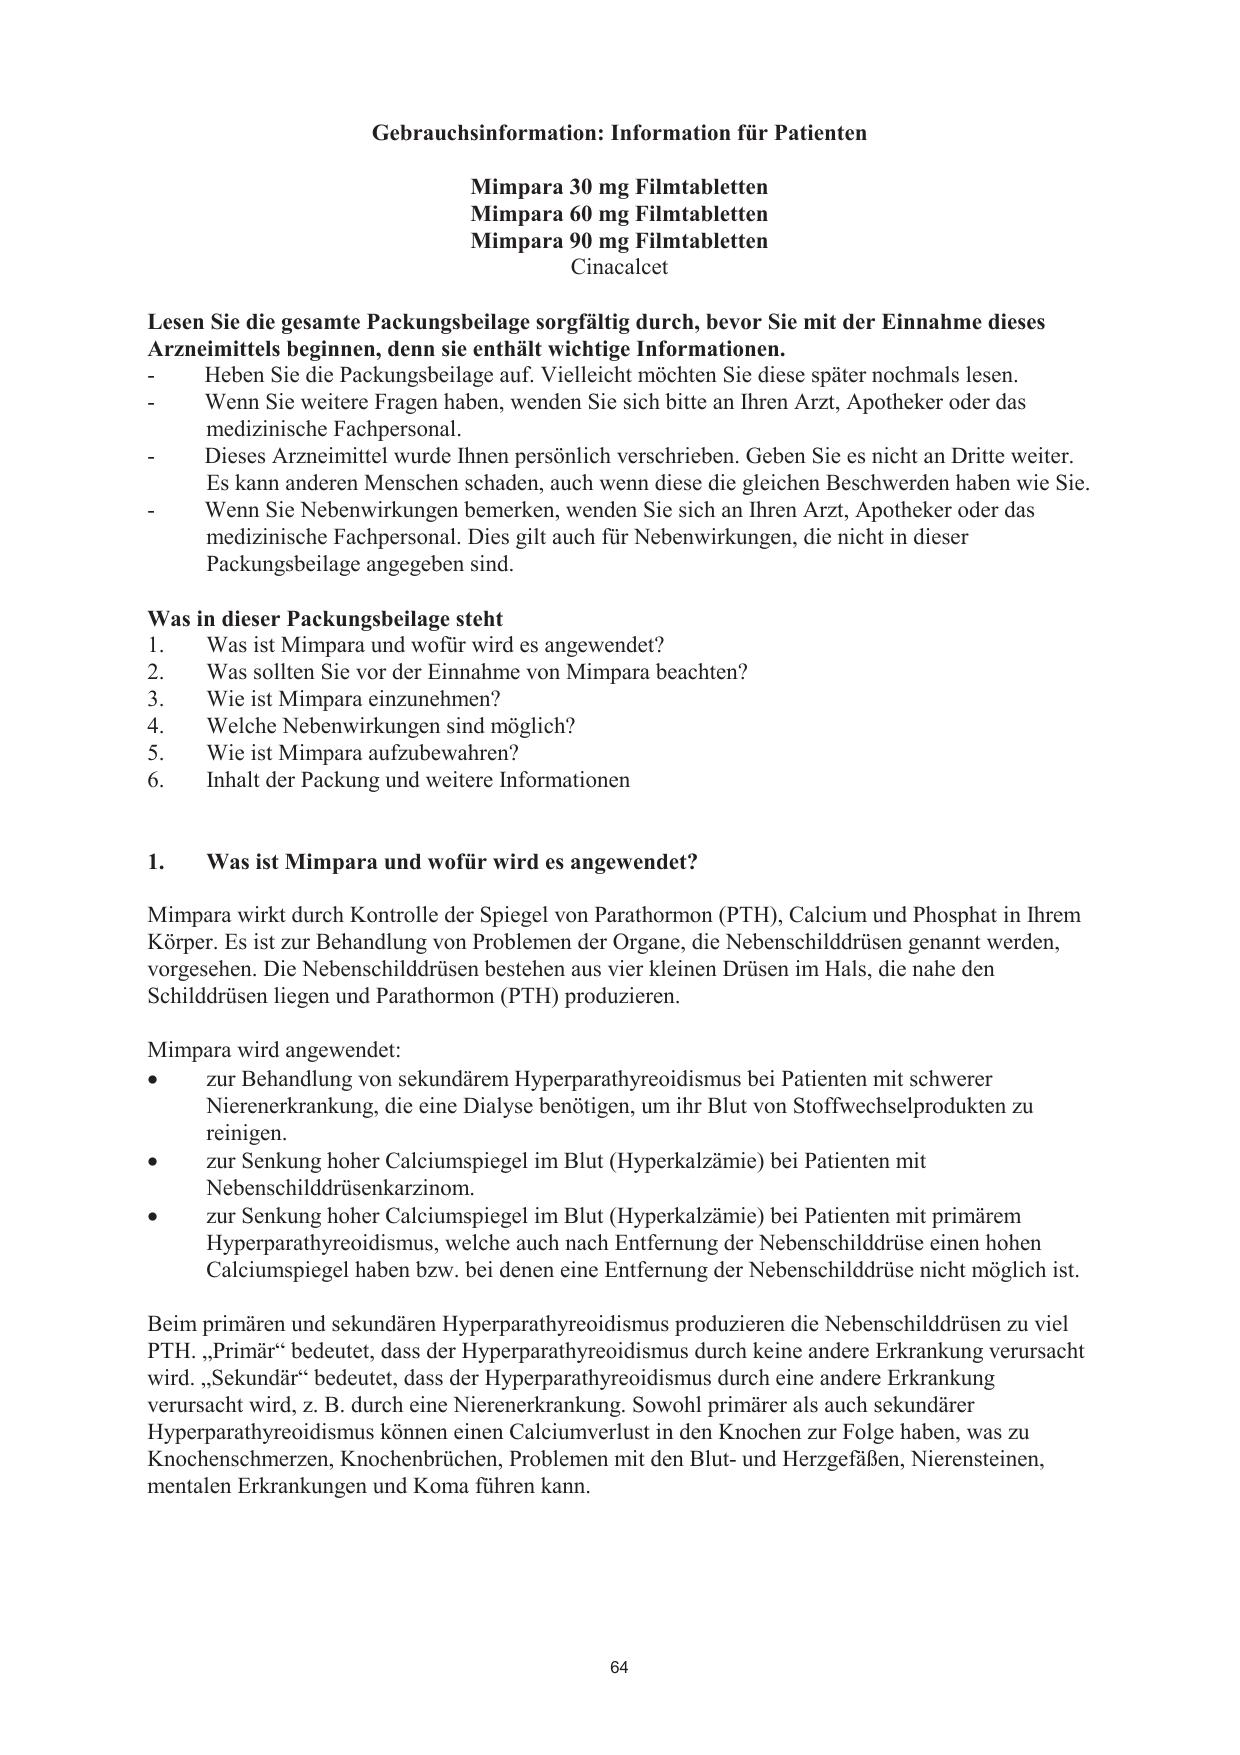 Niedlich Nebenschilddrüse Zeitgenössisch - Anatomie Ideen - finotti.info